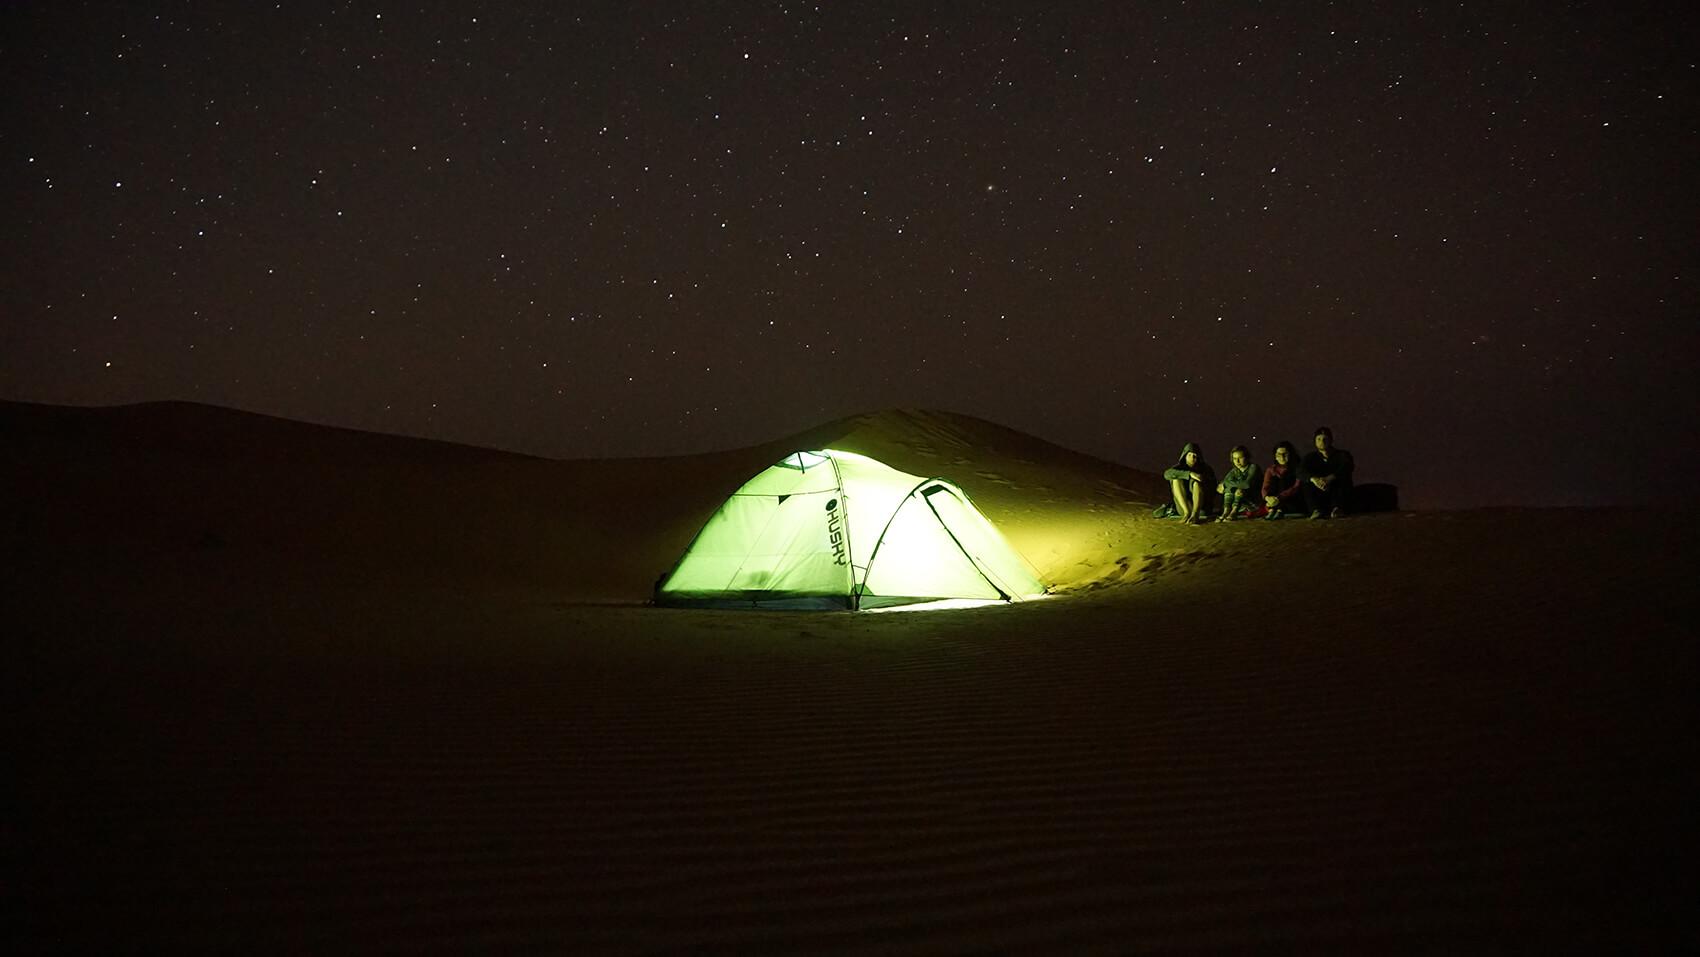 Noc v púšti Wahiba